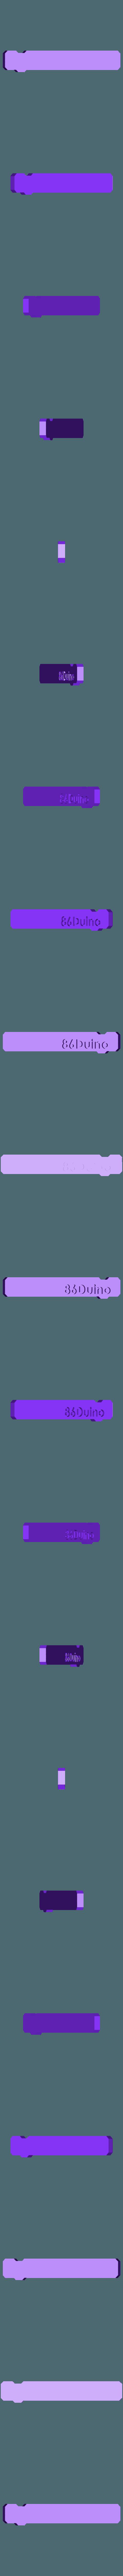 86Scratch-4.STL Download free STL file 86Duino Scratch block • 3D print model, 86Duino